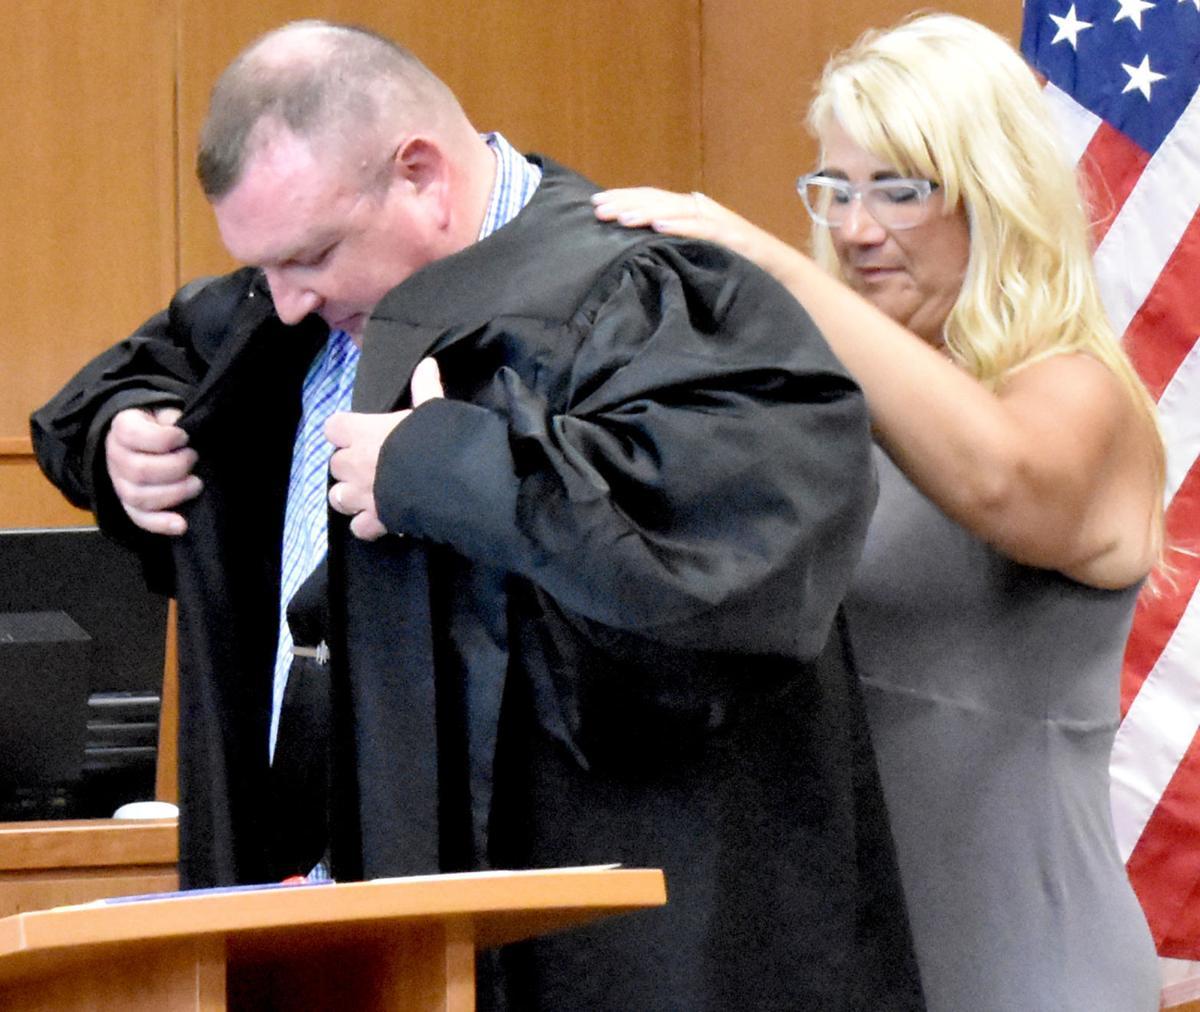 Judge Troy Cross Swearing In